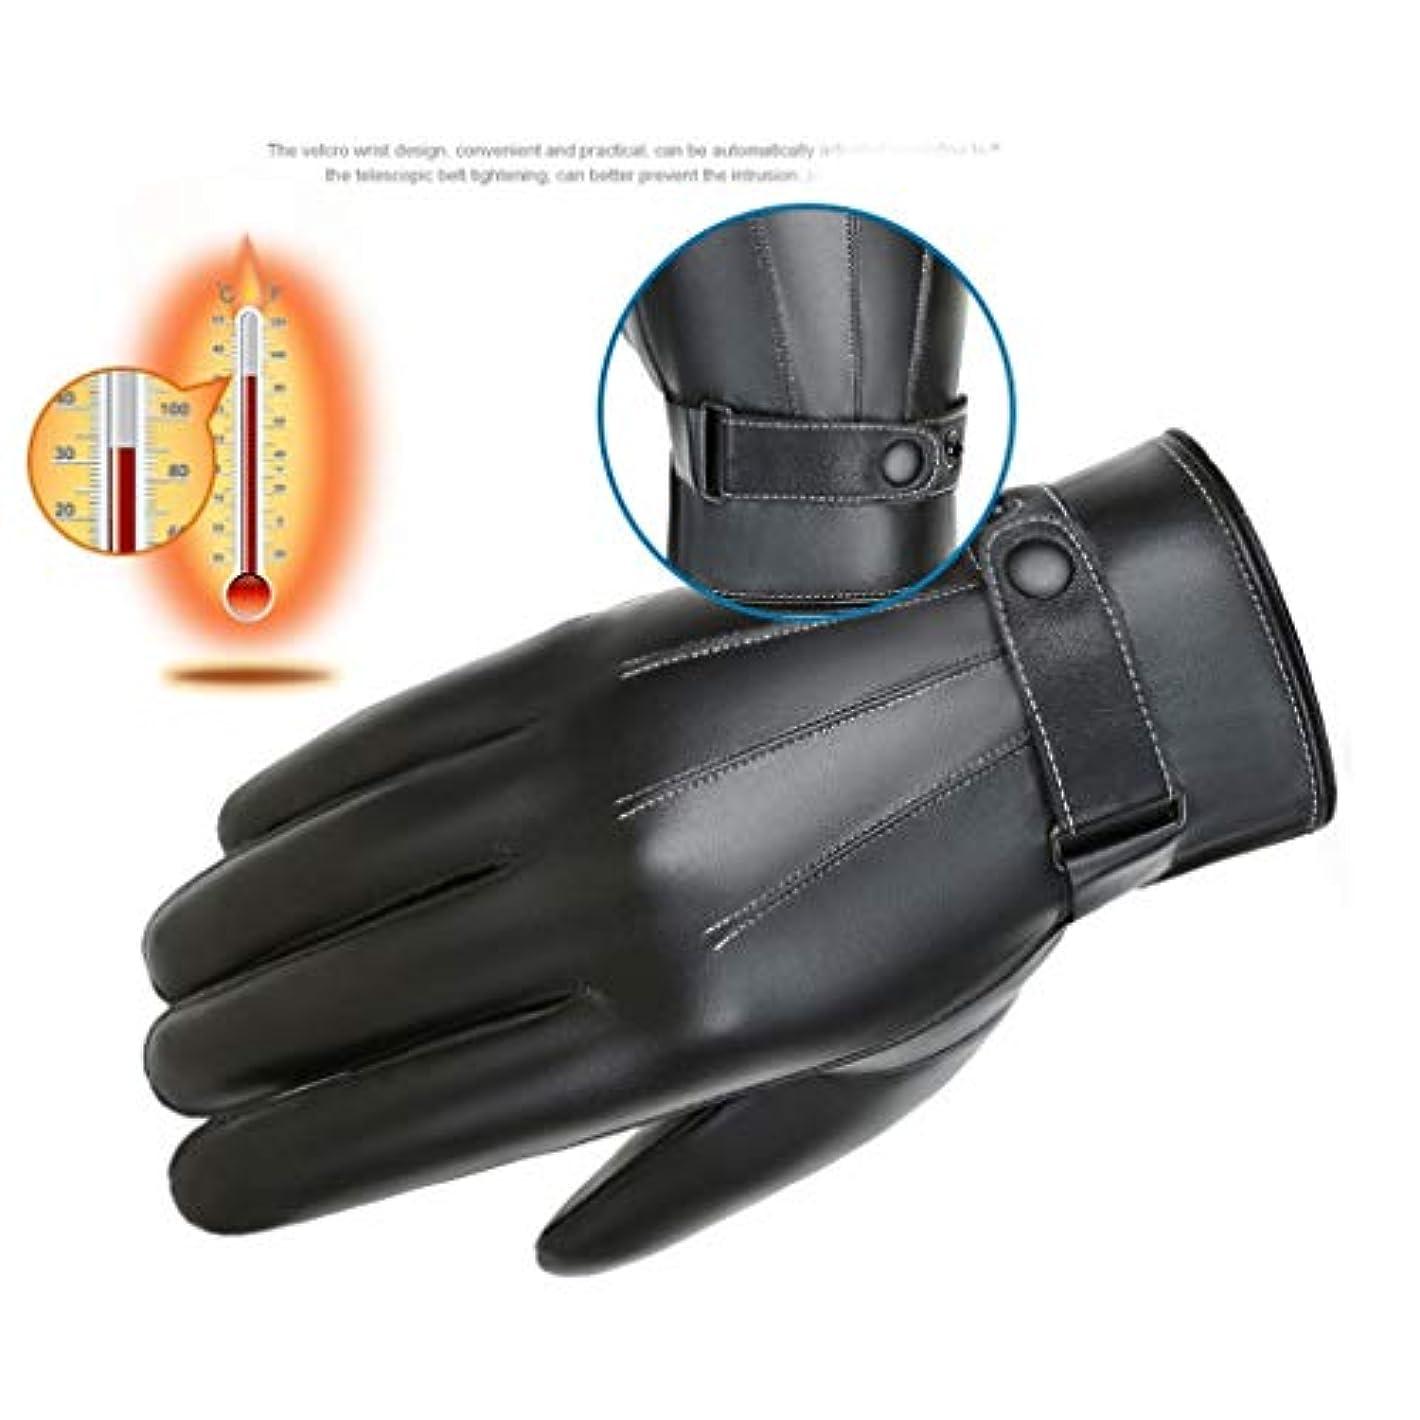 部族辛い毎月タッチスクリーンのメンズグローブ冬プラスベルベット厚い暖かい防風防水ライドバイクバイクの乗り物の手袋